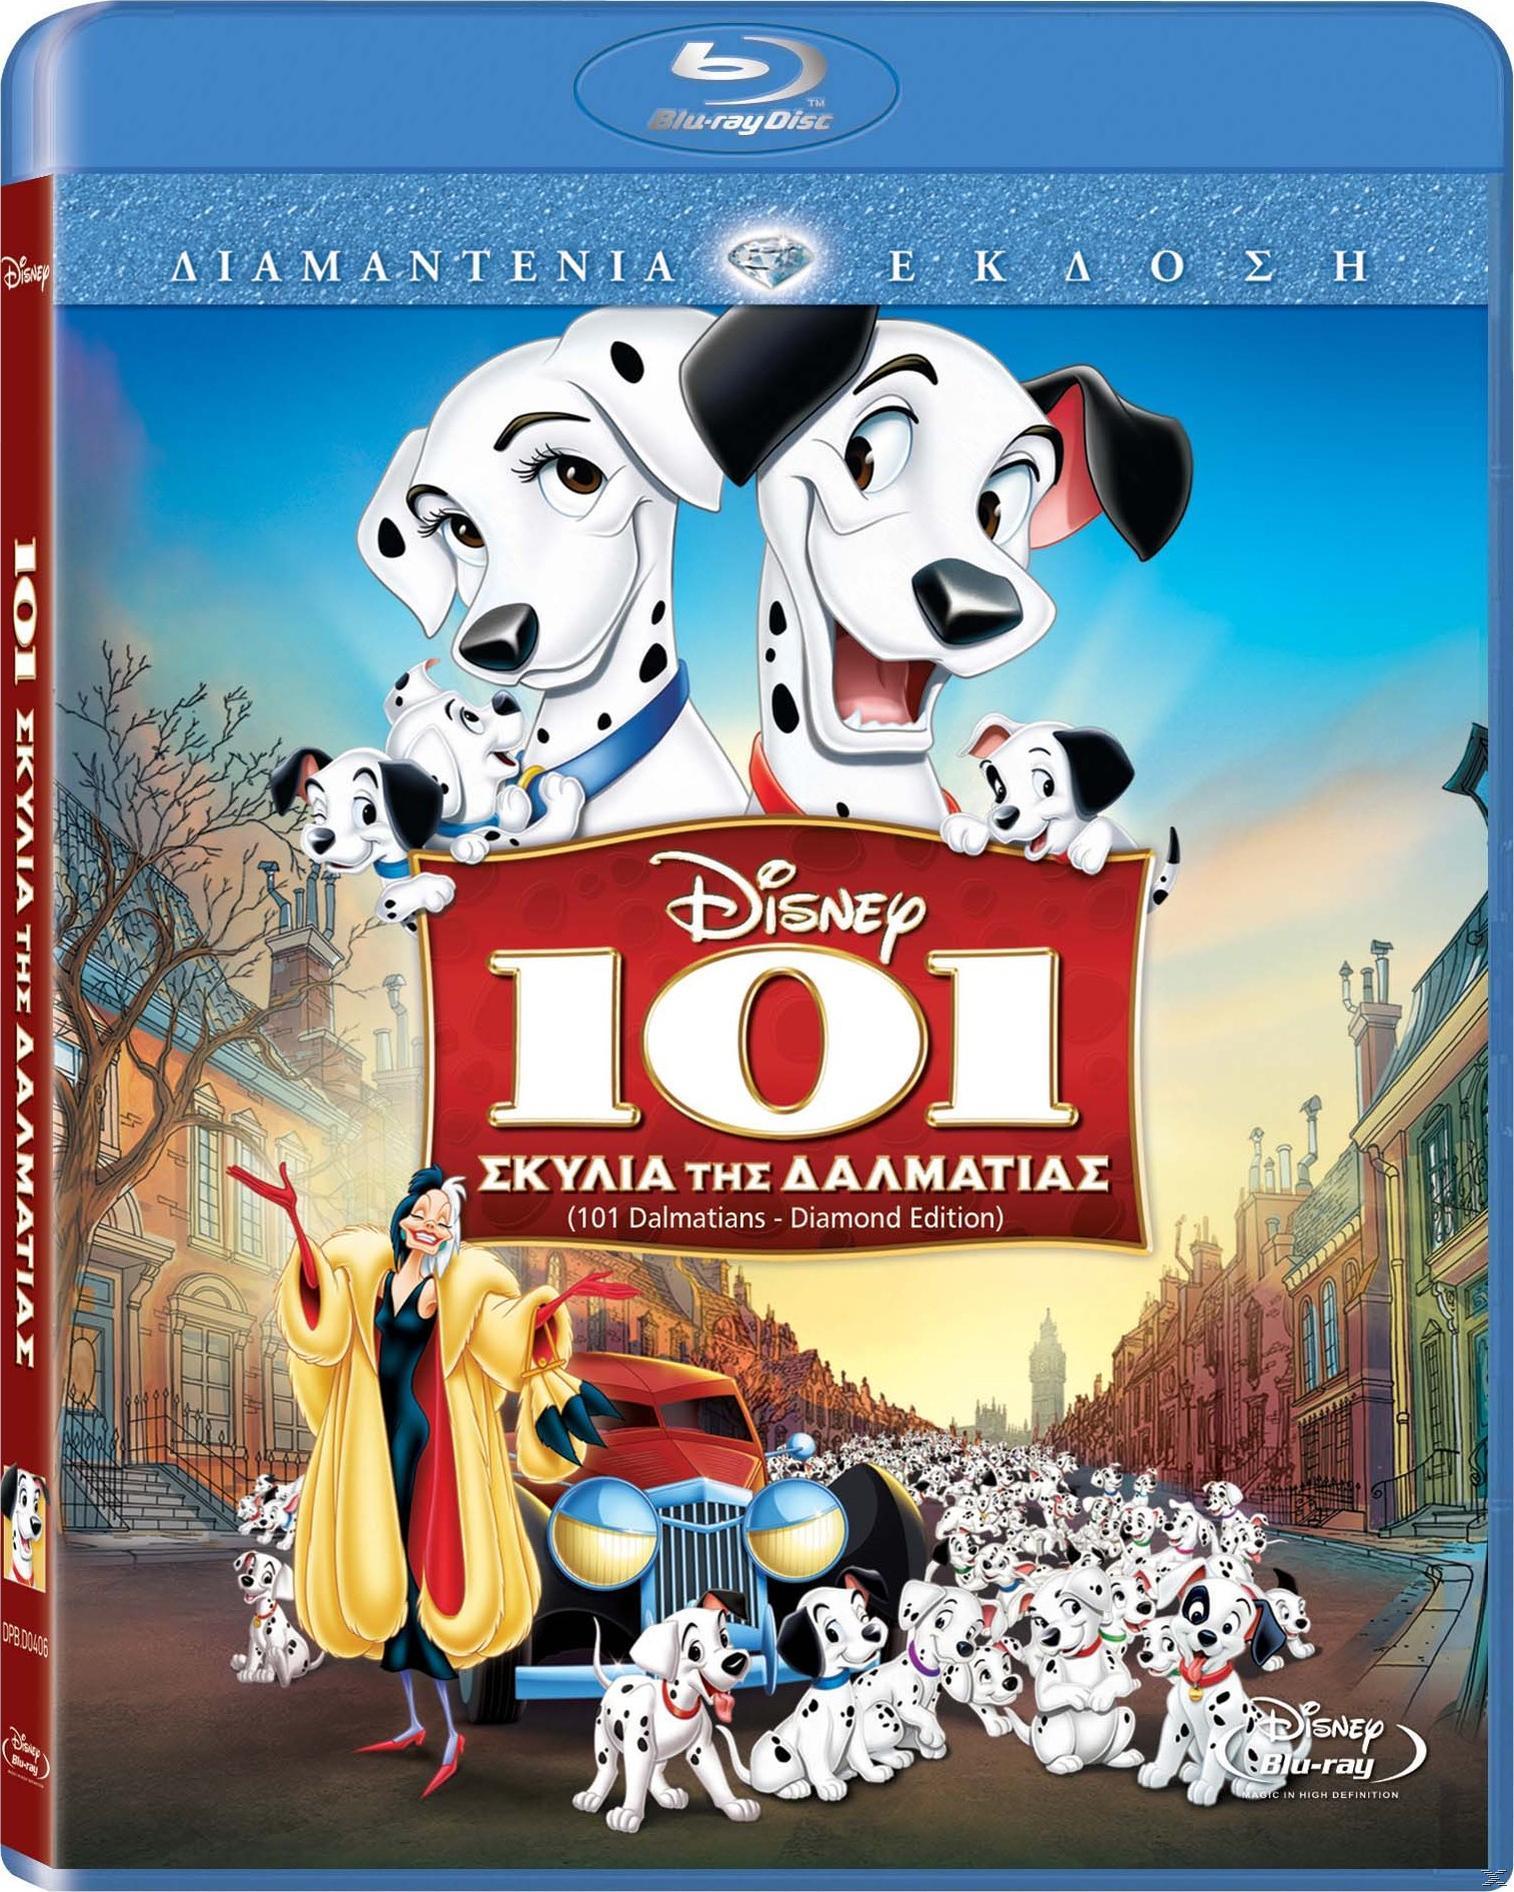 Τα 101 Σκυλιά της Δαλματίας Diamond Edition